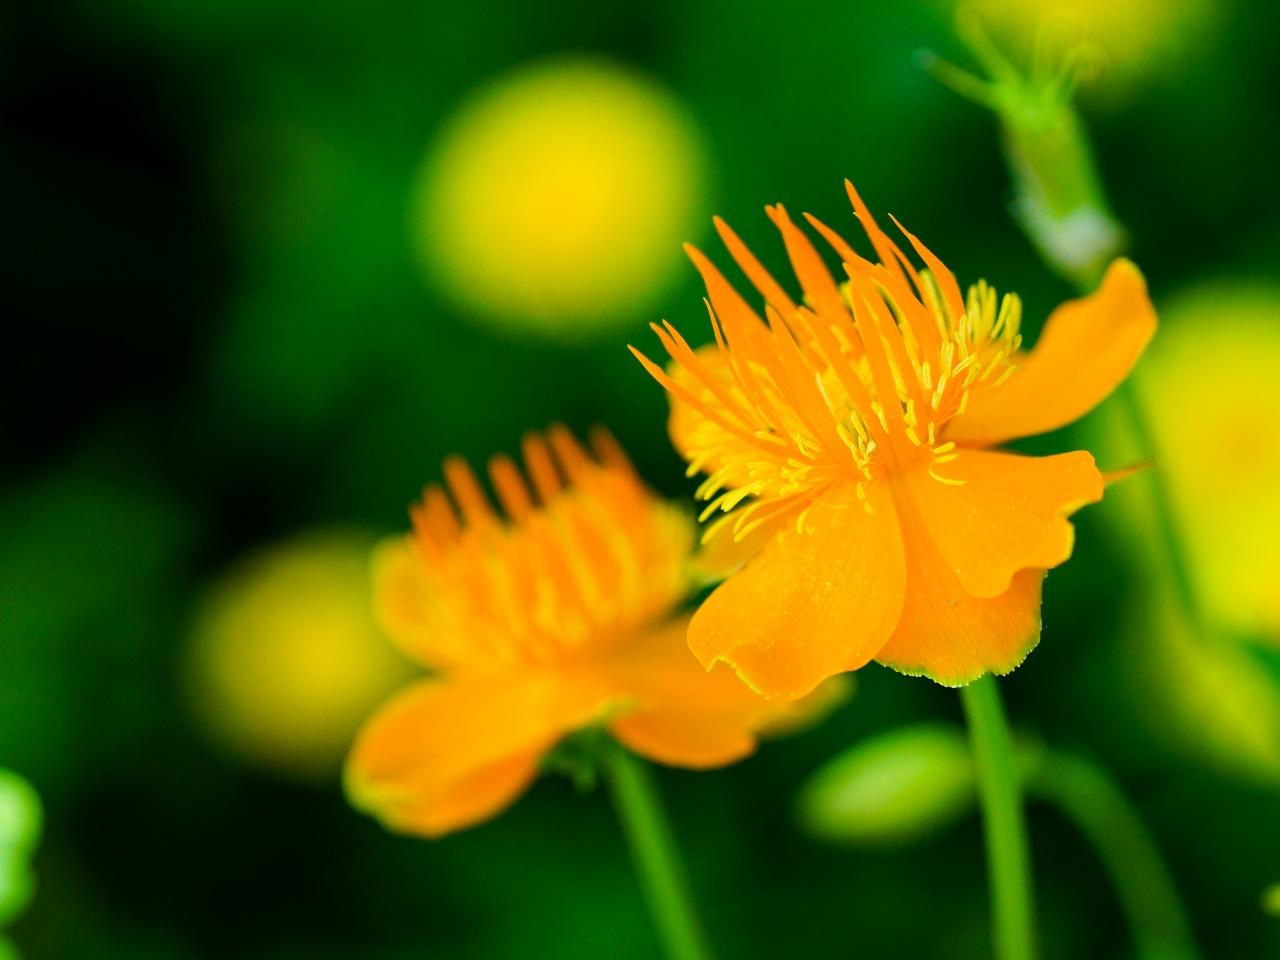 Flores naranjas - 1280x960